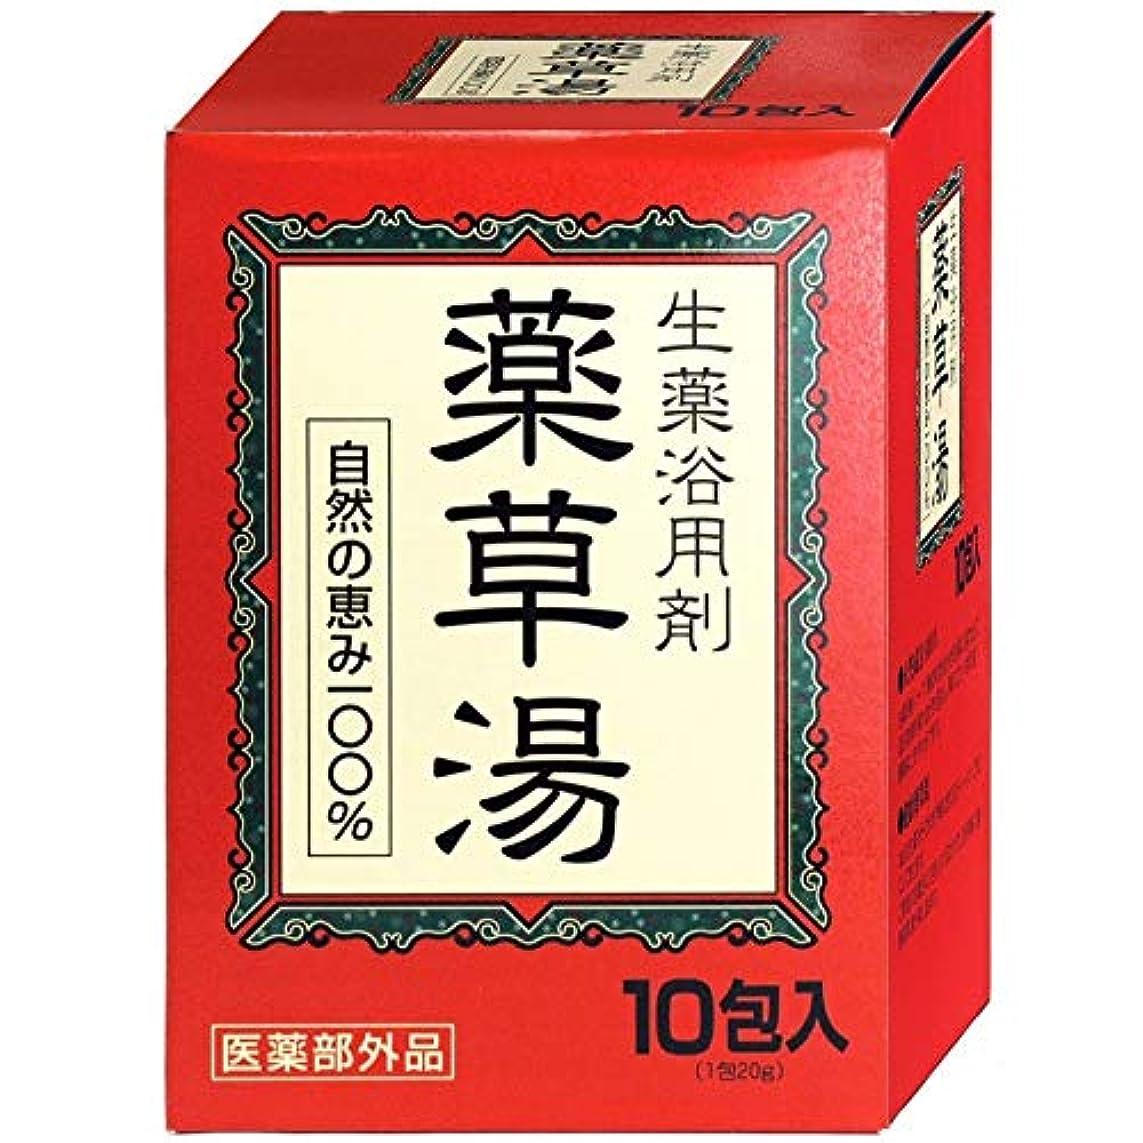 歴史家リア王ピジンVVN生薬入浴剤薬草湯10包×(10セット)